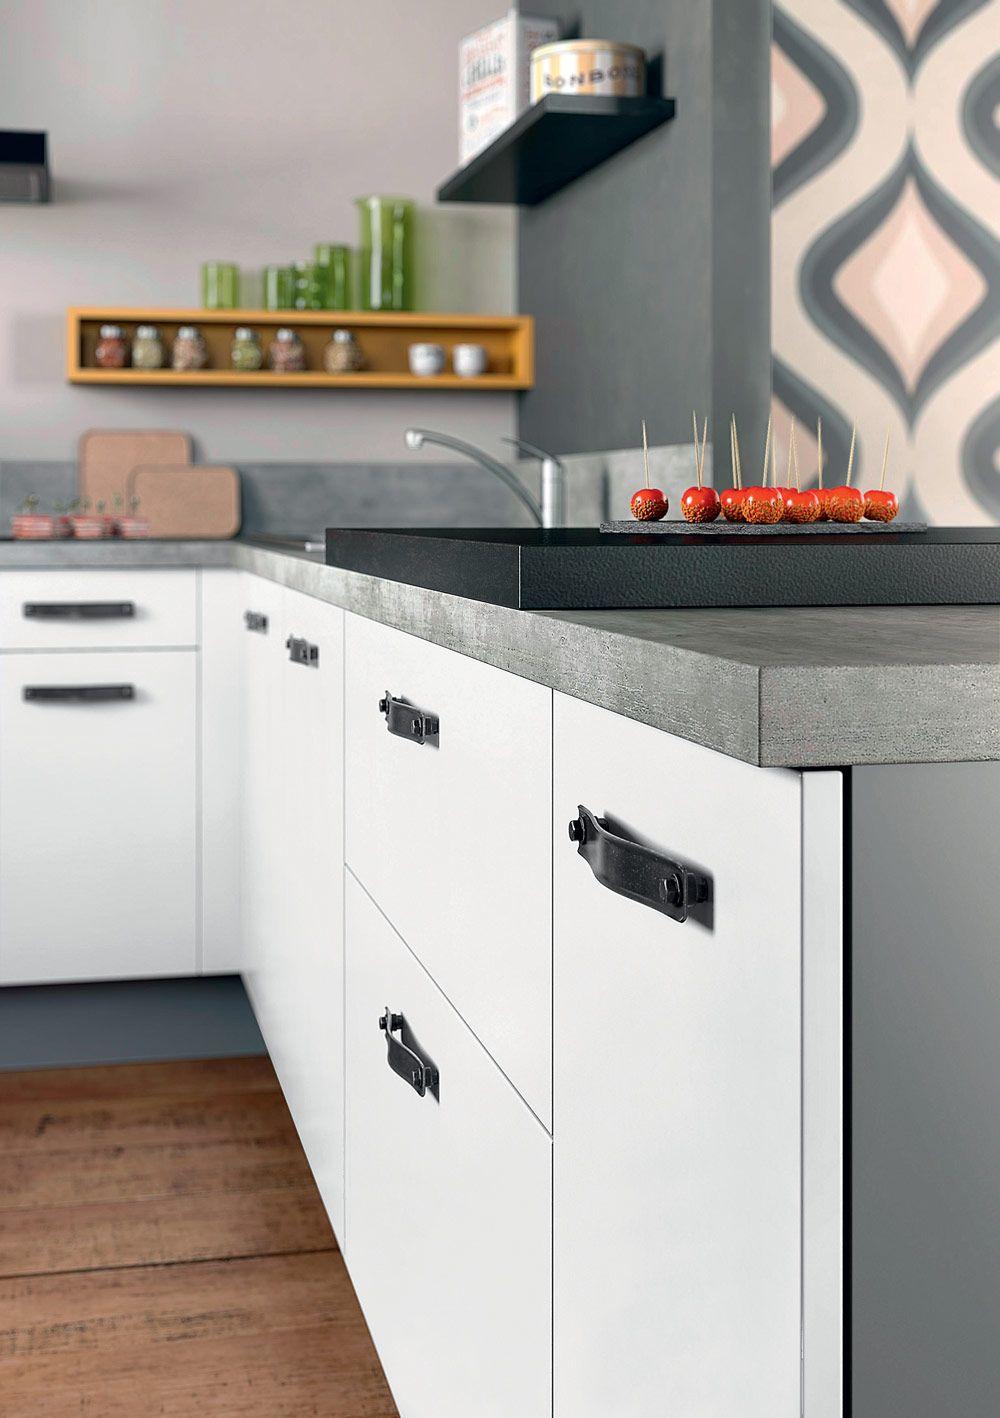 Poignée De Porte Cuisine Design facto, des poignées noires idéales pour un look industriel